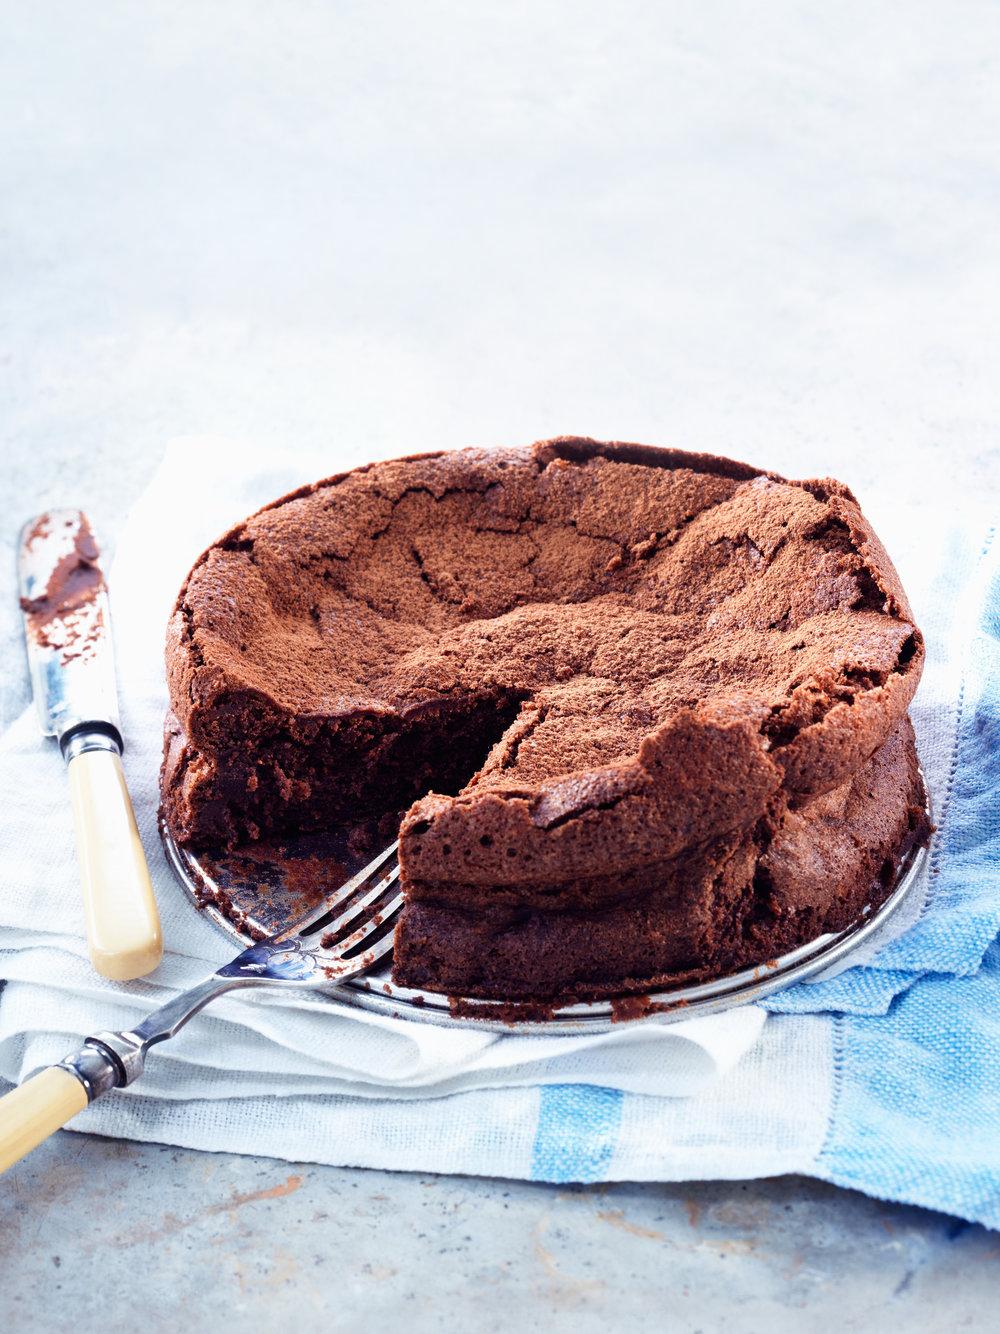 08015NES0308_Cake.jpg